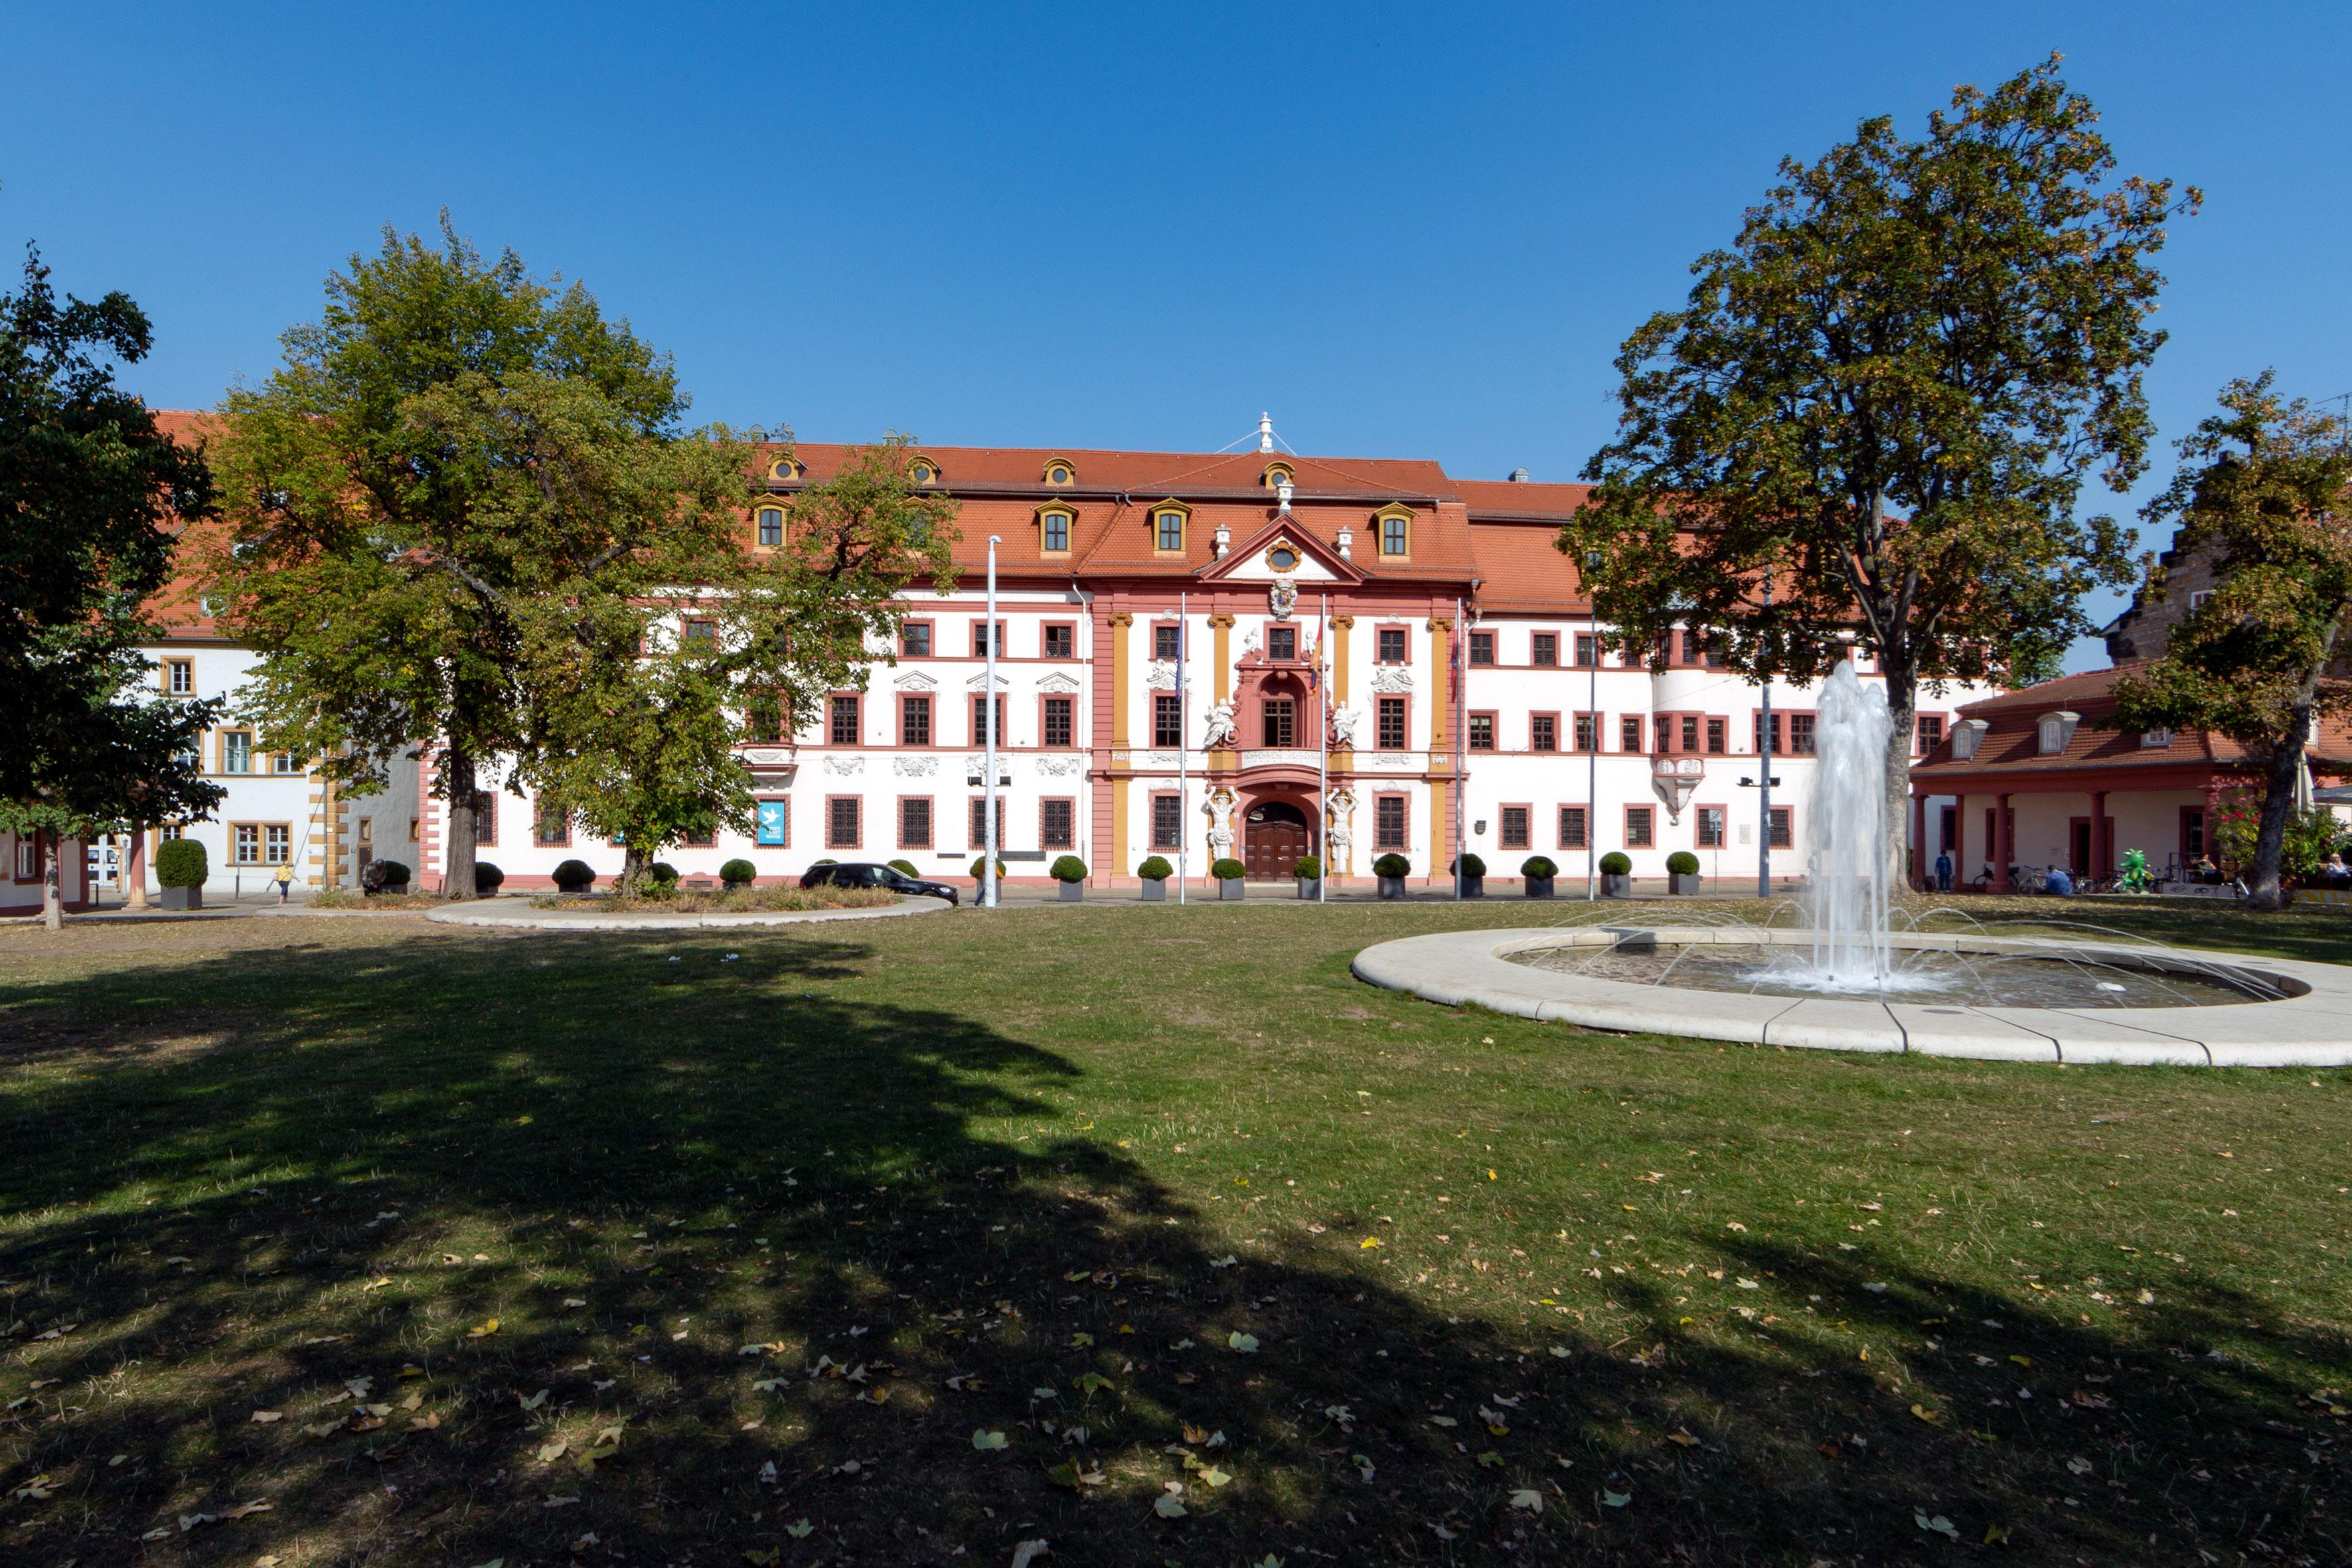 Gebäude, hell und rot verputzt, davor Springbrunnen, Wiese und Bäume.